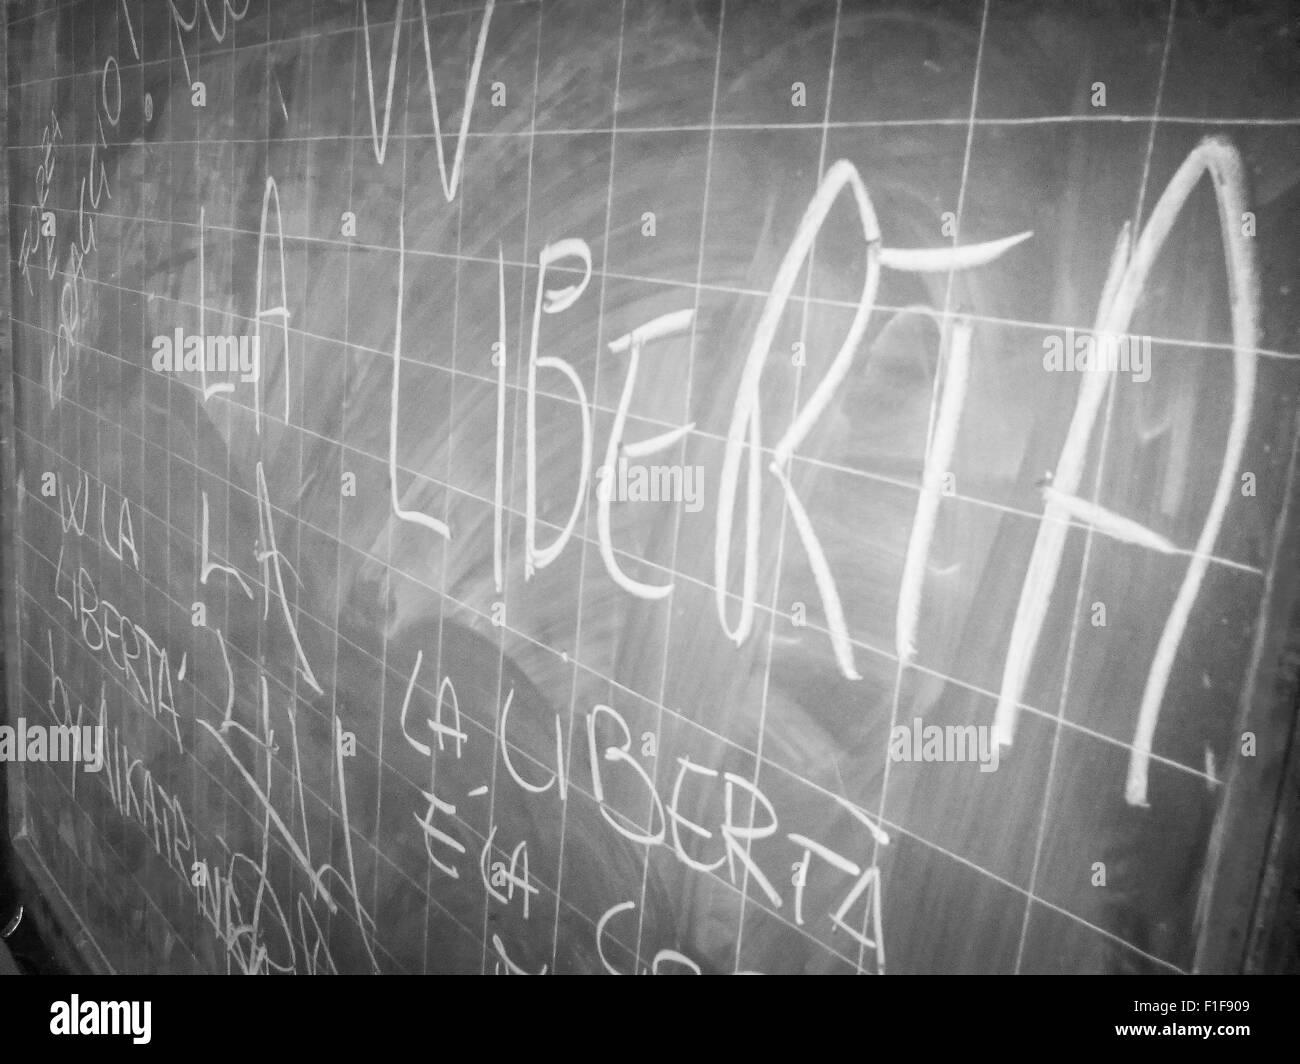 blackboard in old prison: Long life freedom - Viva la Libertà - Stock Image